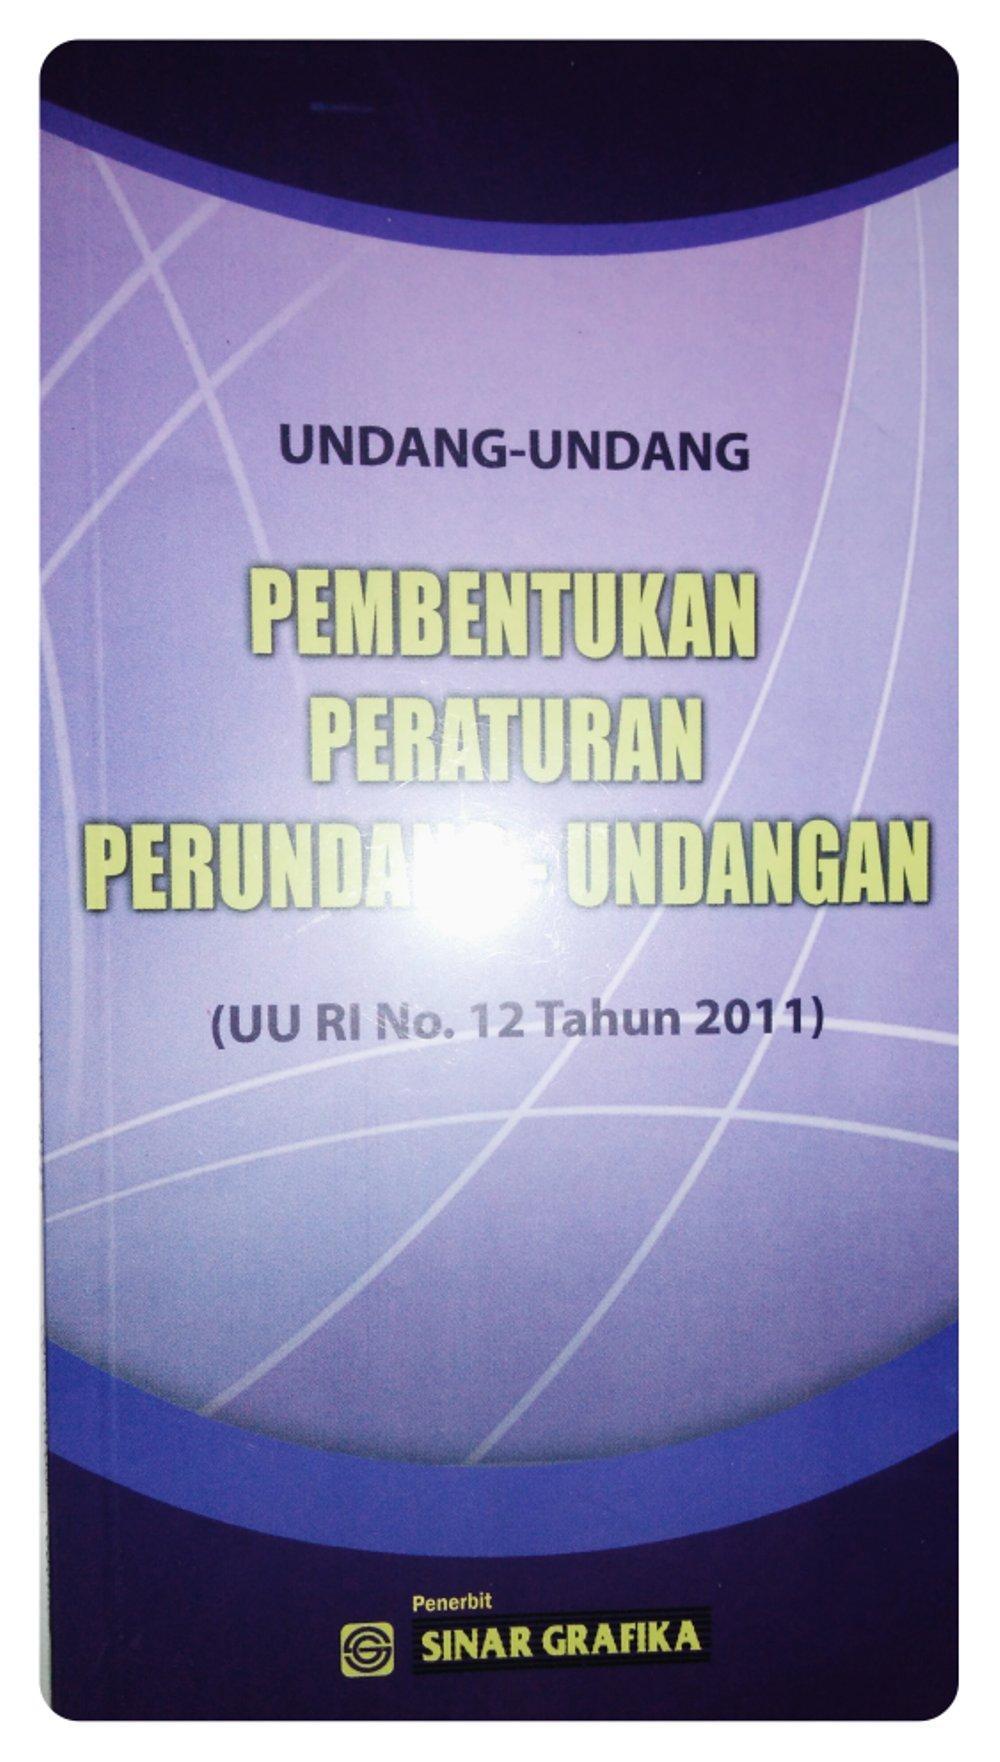 Buku Pembentukan Peraturan Perundang-Undangan UU RI No 12 tahun 2011